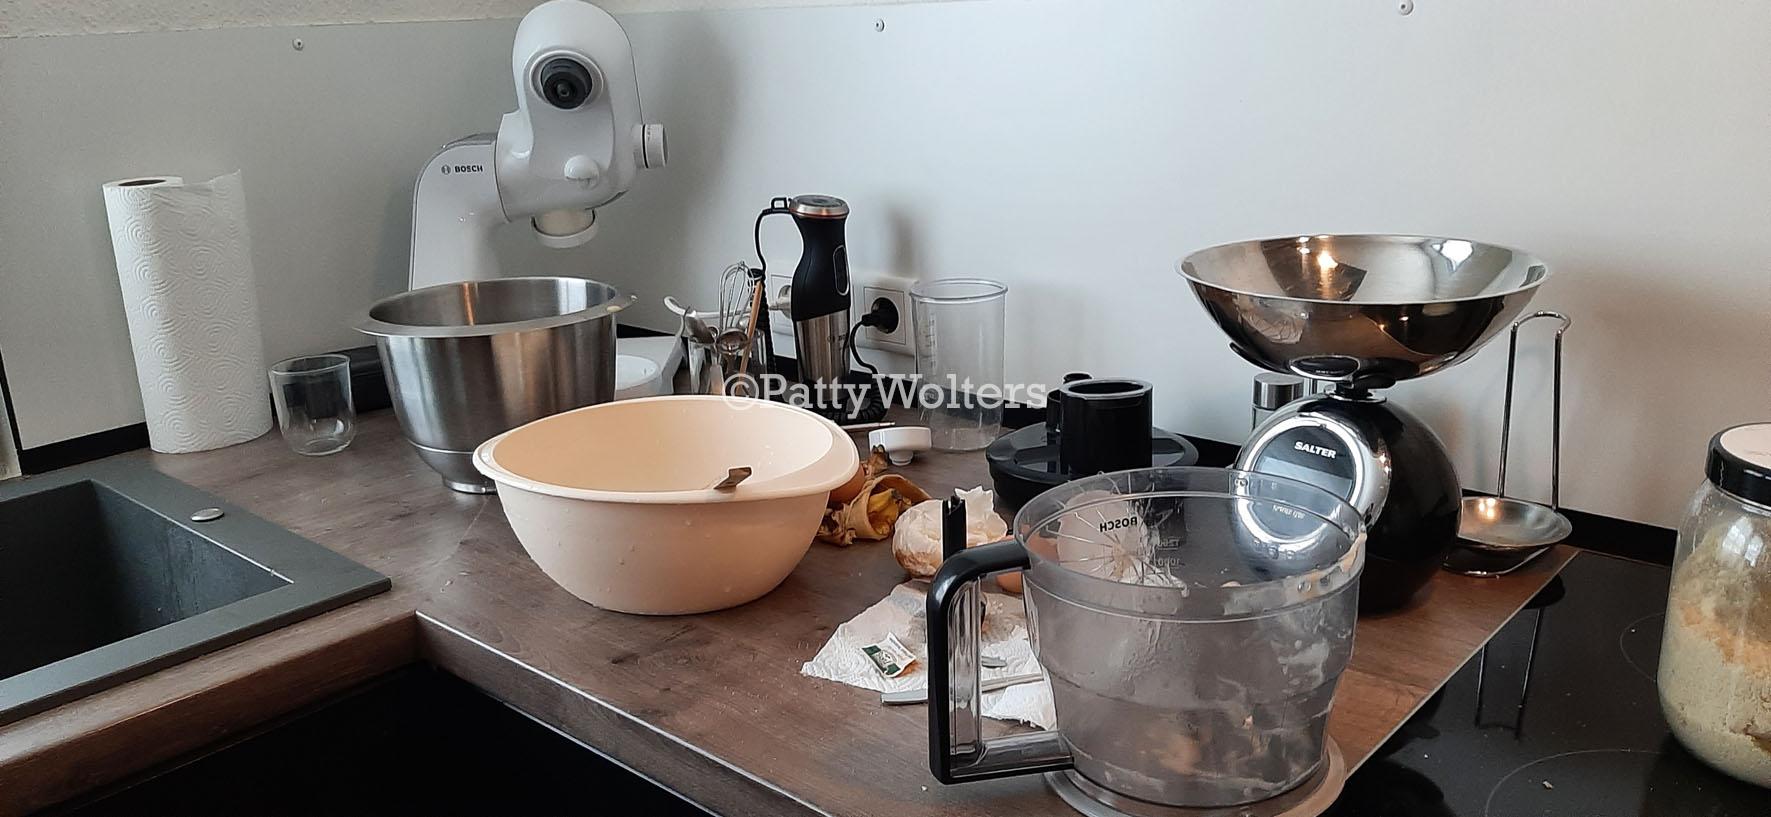 baking2021